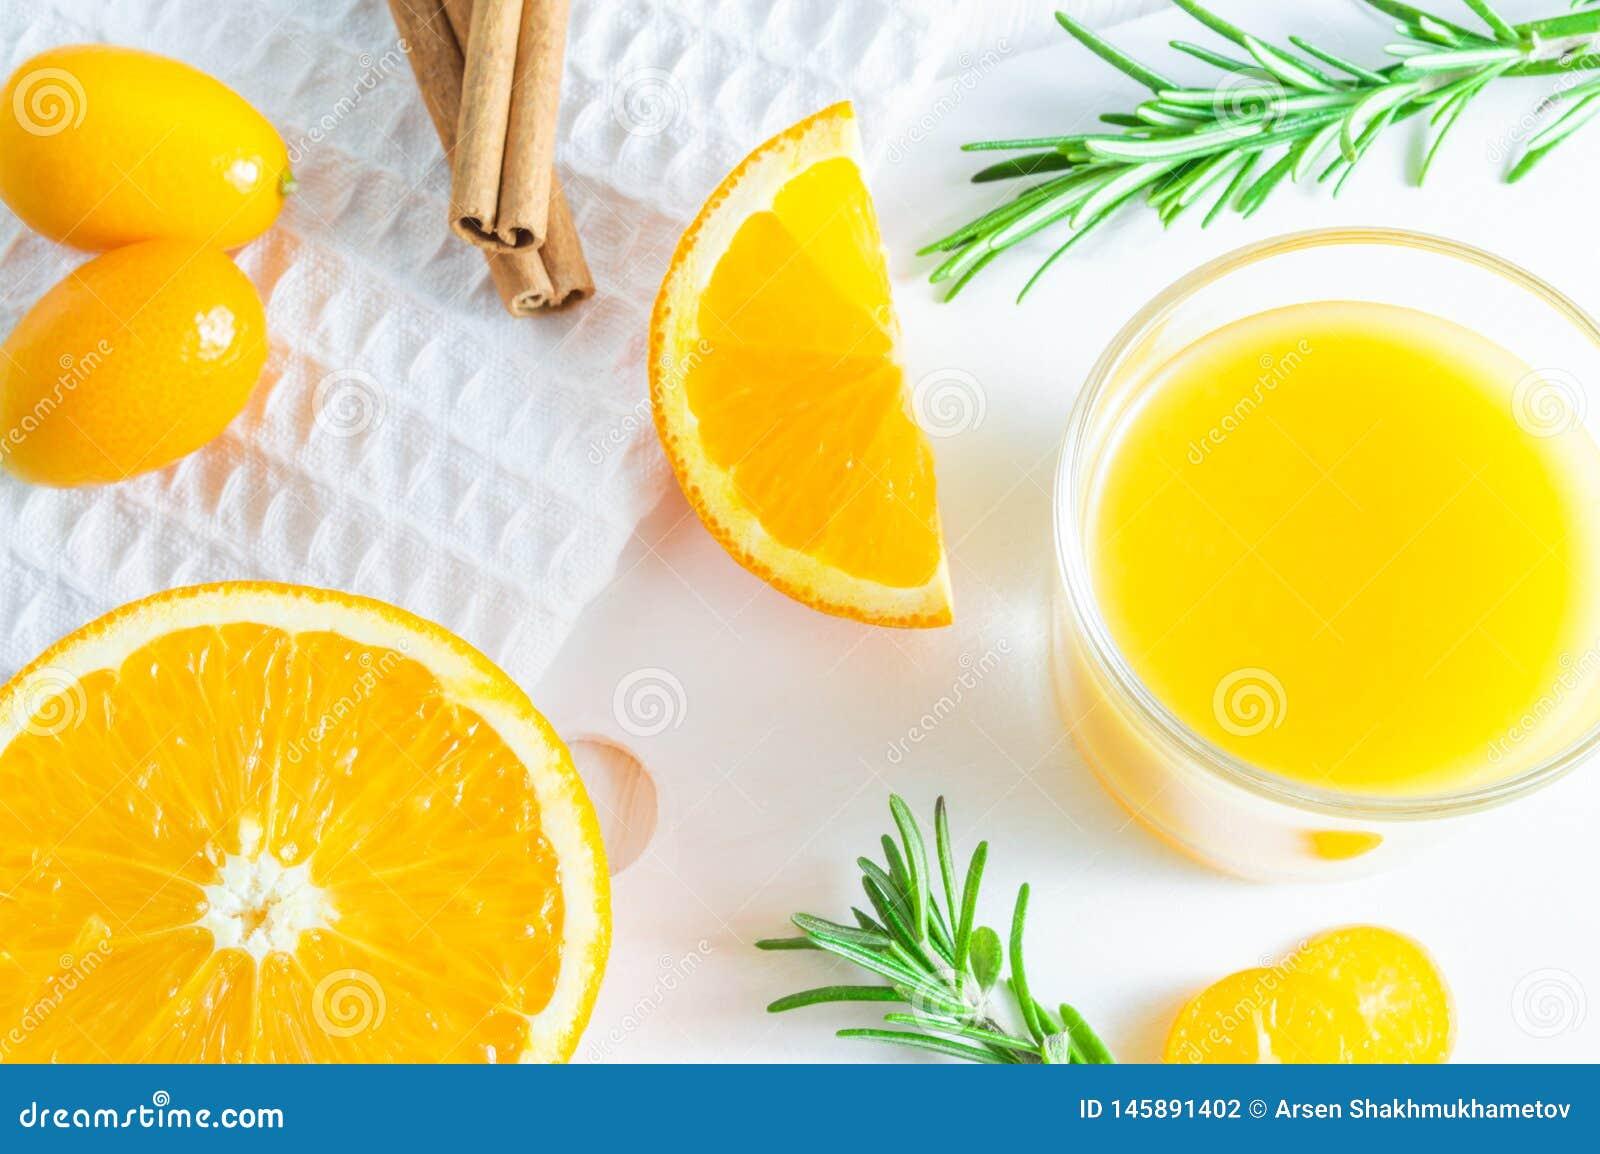 Αναζωογονώντας ποτό θερινών εσπεριδοειδών με το πορτοκάλι, το κουμκουάτ και το δεντρολίβανο Το άσπρο υπόβαθρο, επίπεδος-βάζει, το